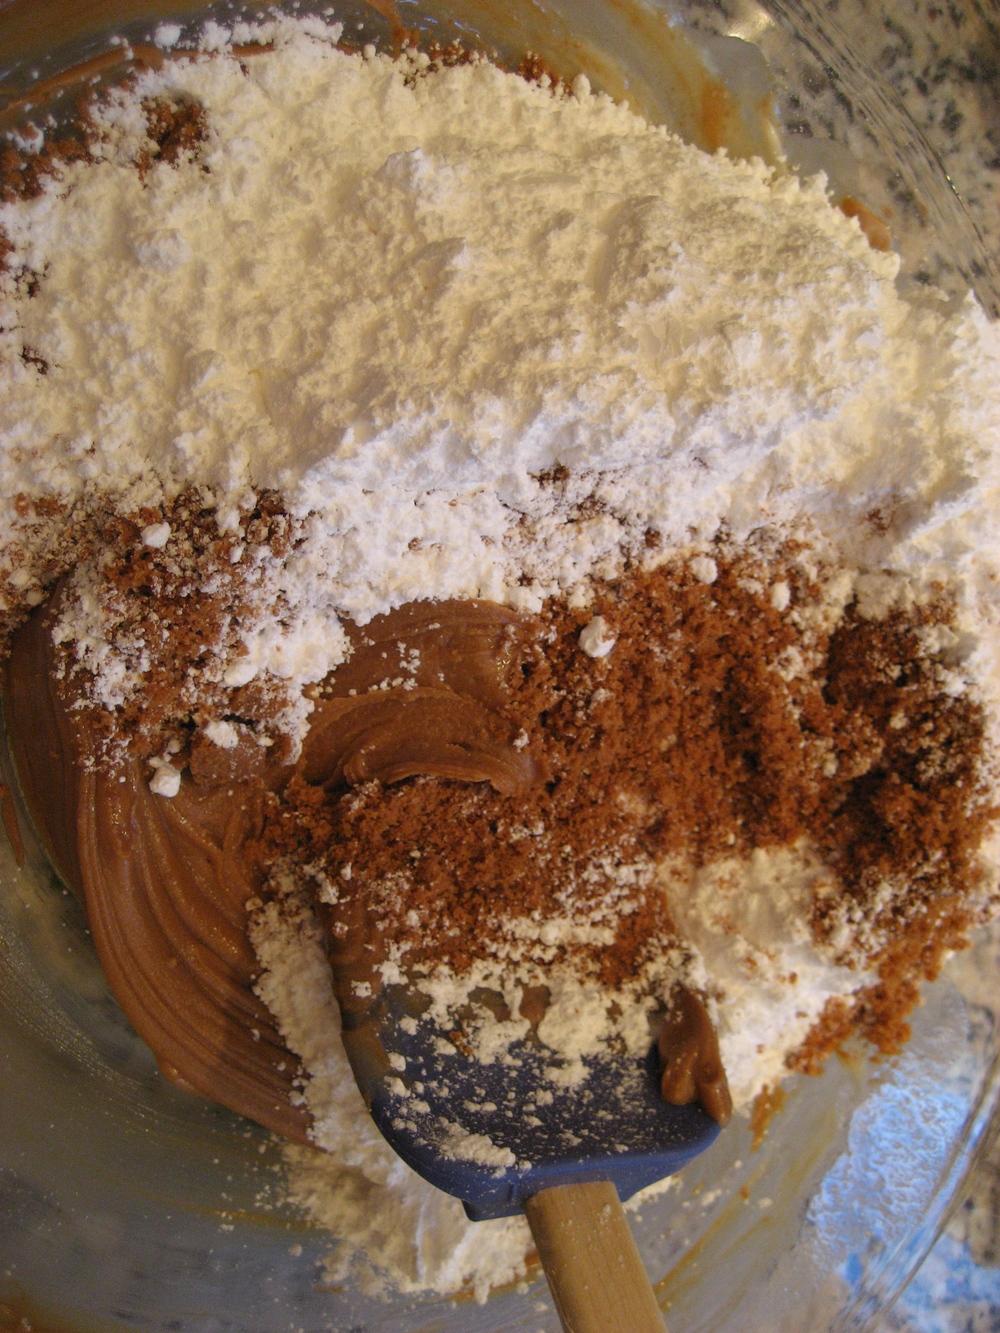 Add vanilla, crumbs and sugar